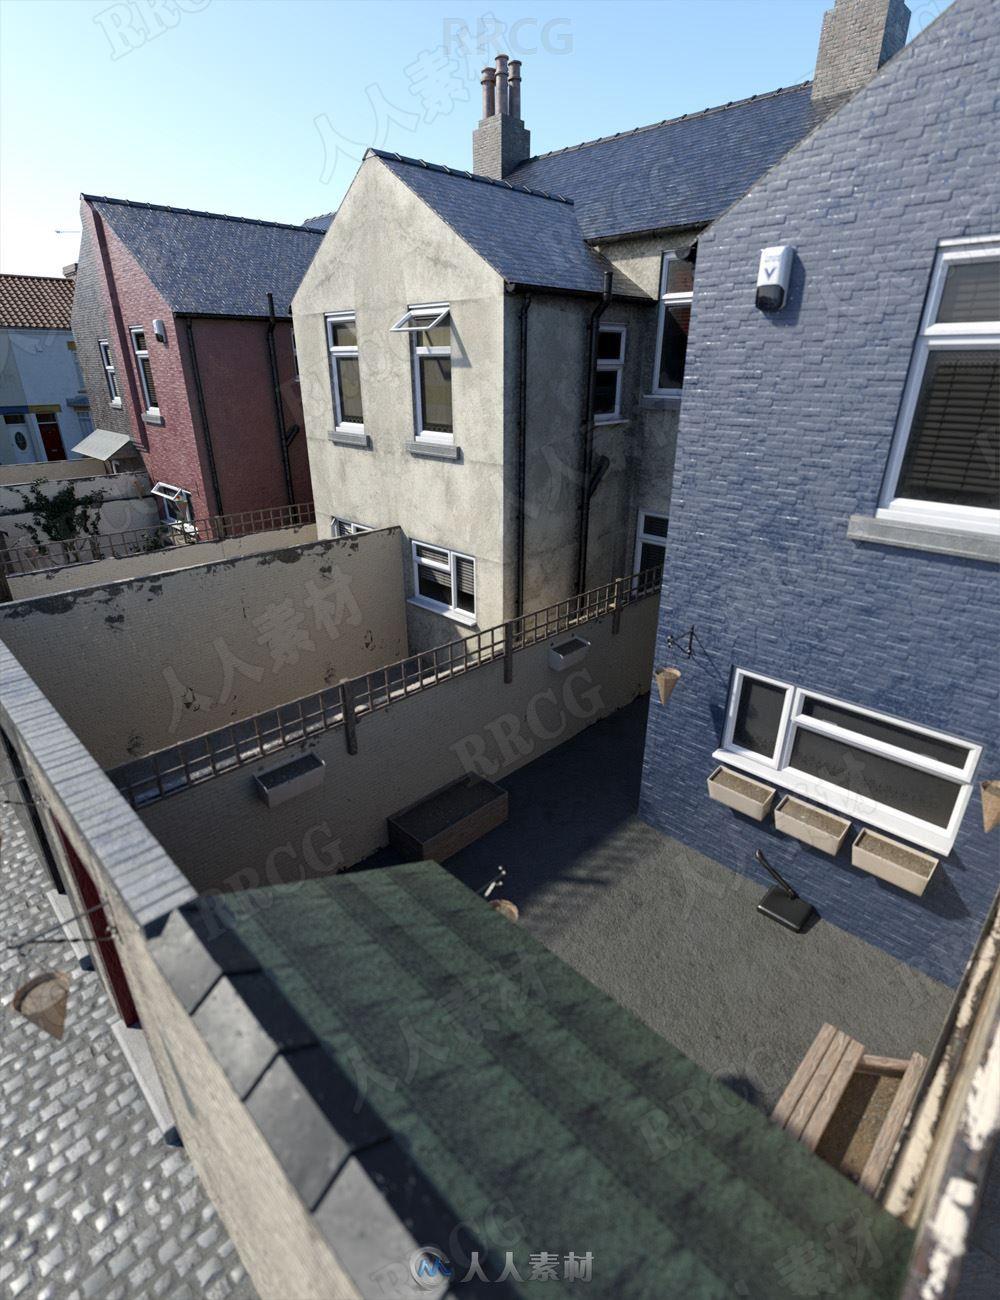 北方露台院子花园和小巷建筑场景3D模型合集